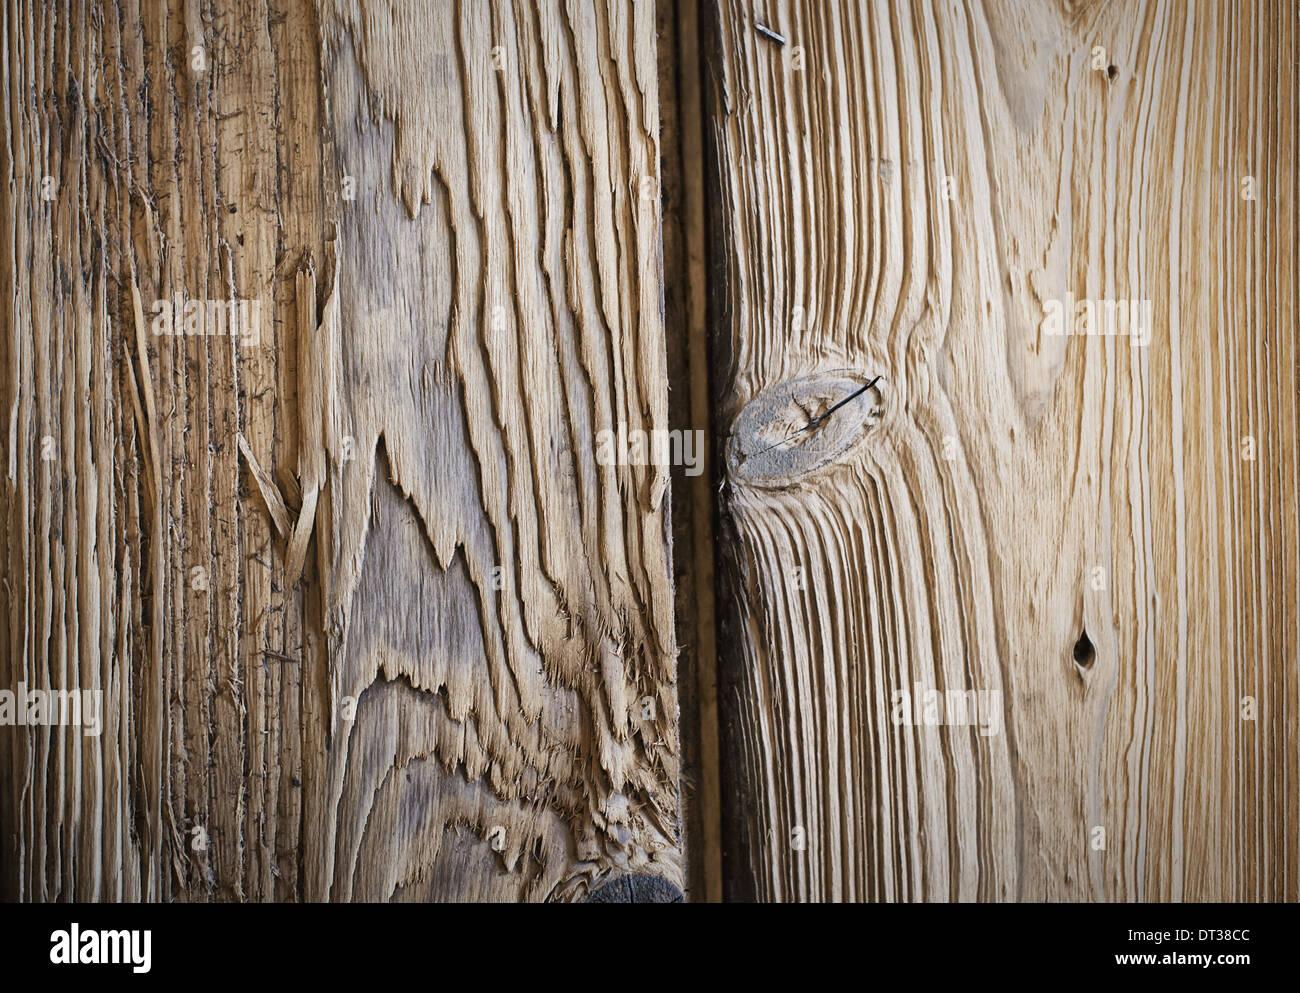 Un taller de madera recuperada. Cerca de dos tablones de madera, con nudos y patrones de grano de madera. Imagen De Stock